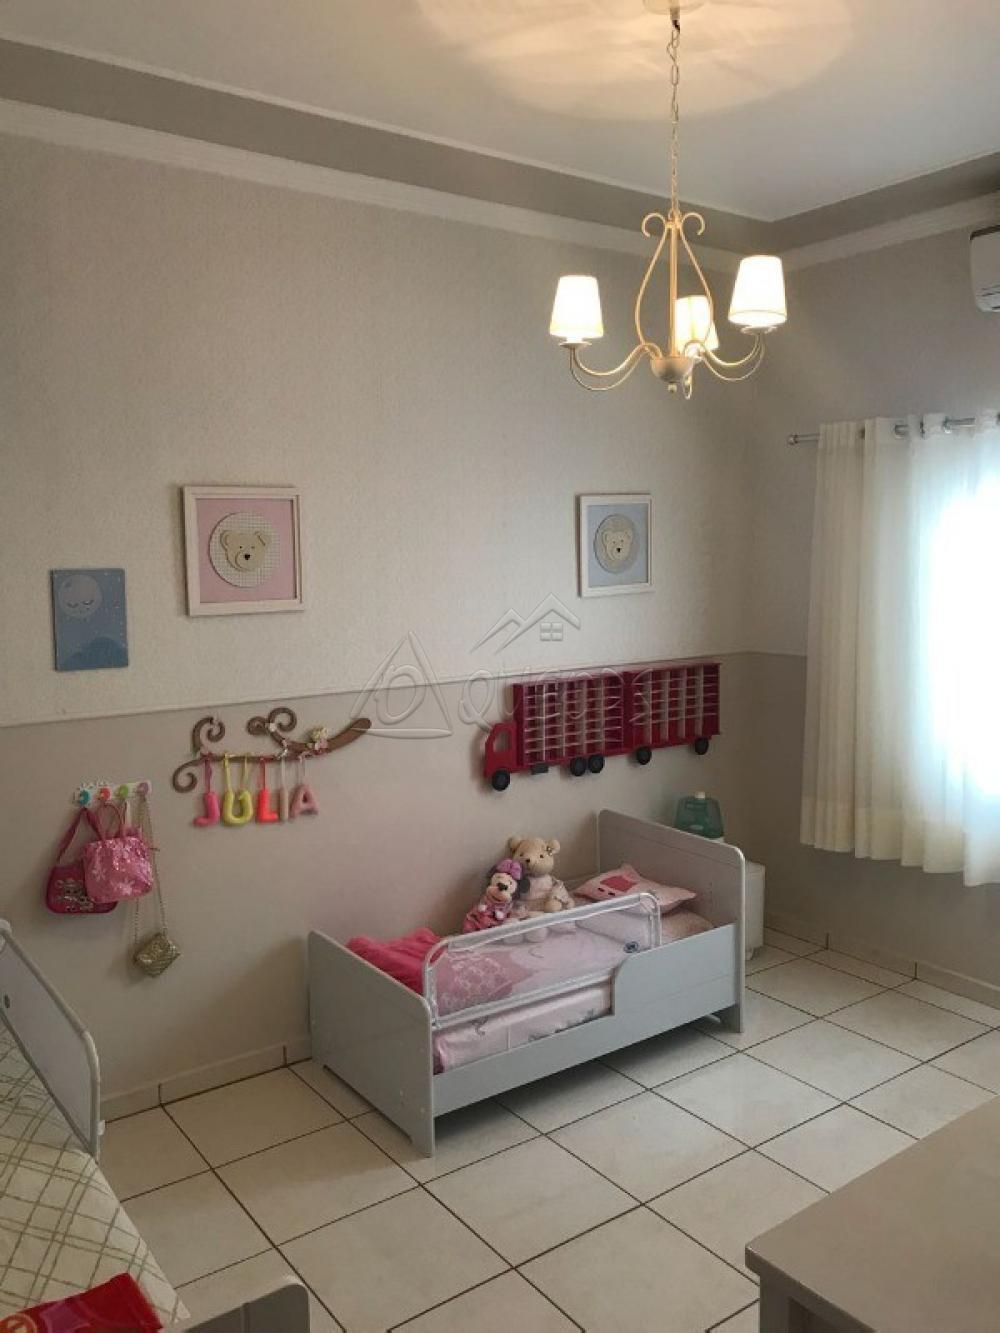 Comprar Casa / Padrão em Barretos apenas R$ 530.000,00 - Foto 10